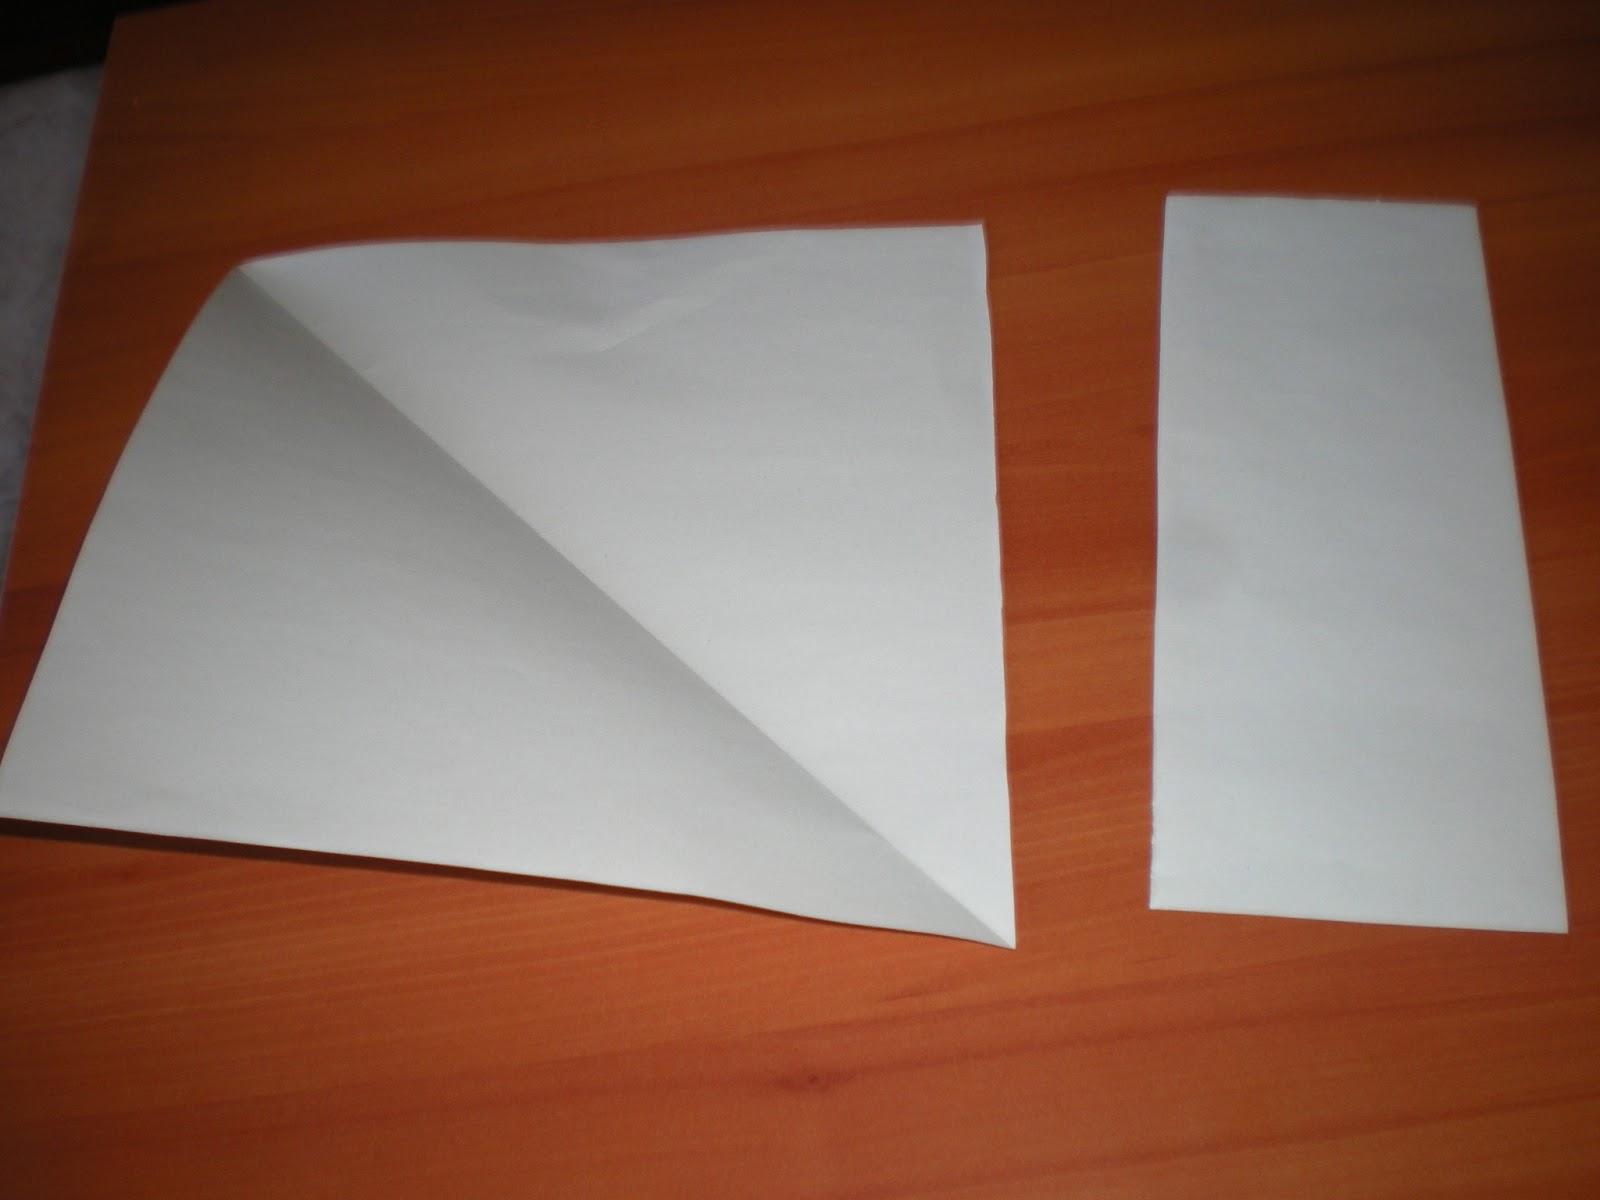 Manualidades faciles para hacer en casa perrito de origami - Manualidades faciles para hacer en casa ...